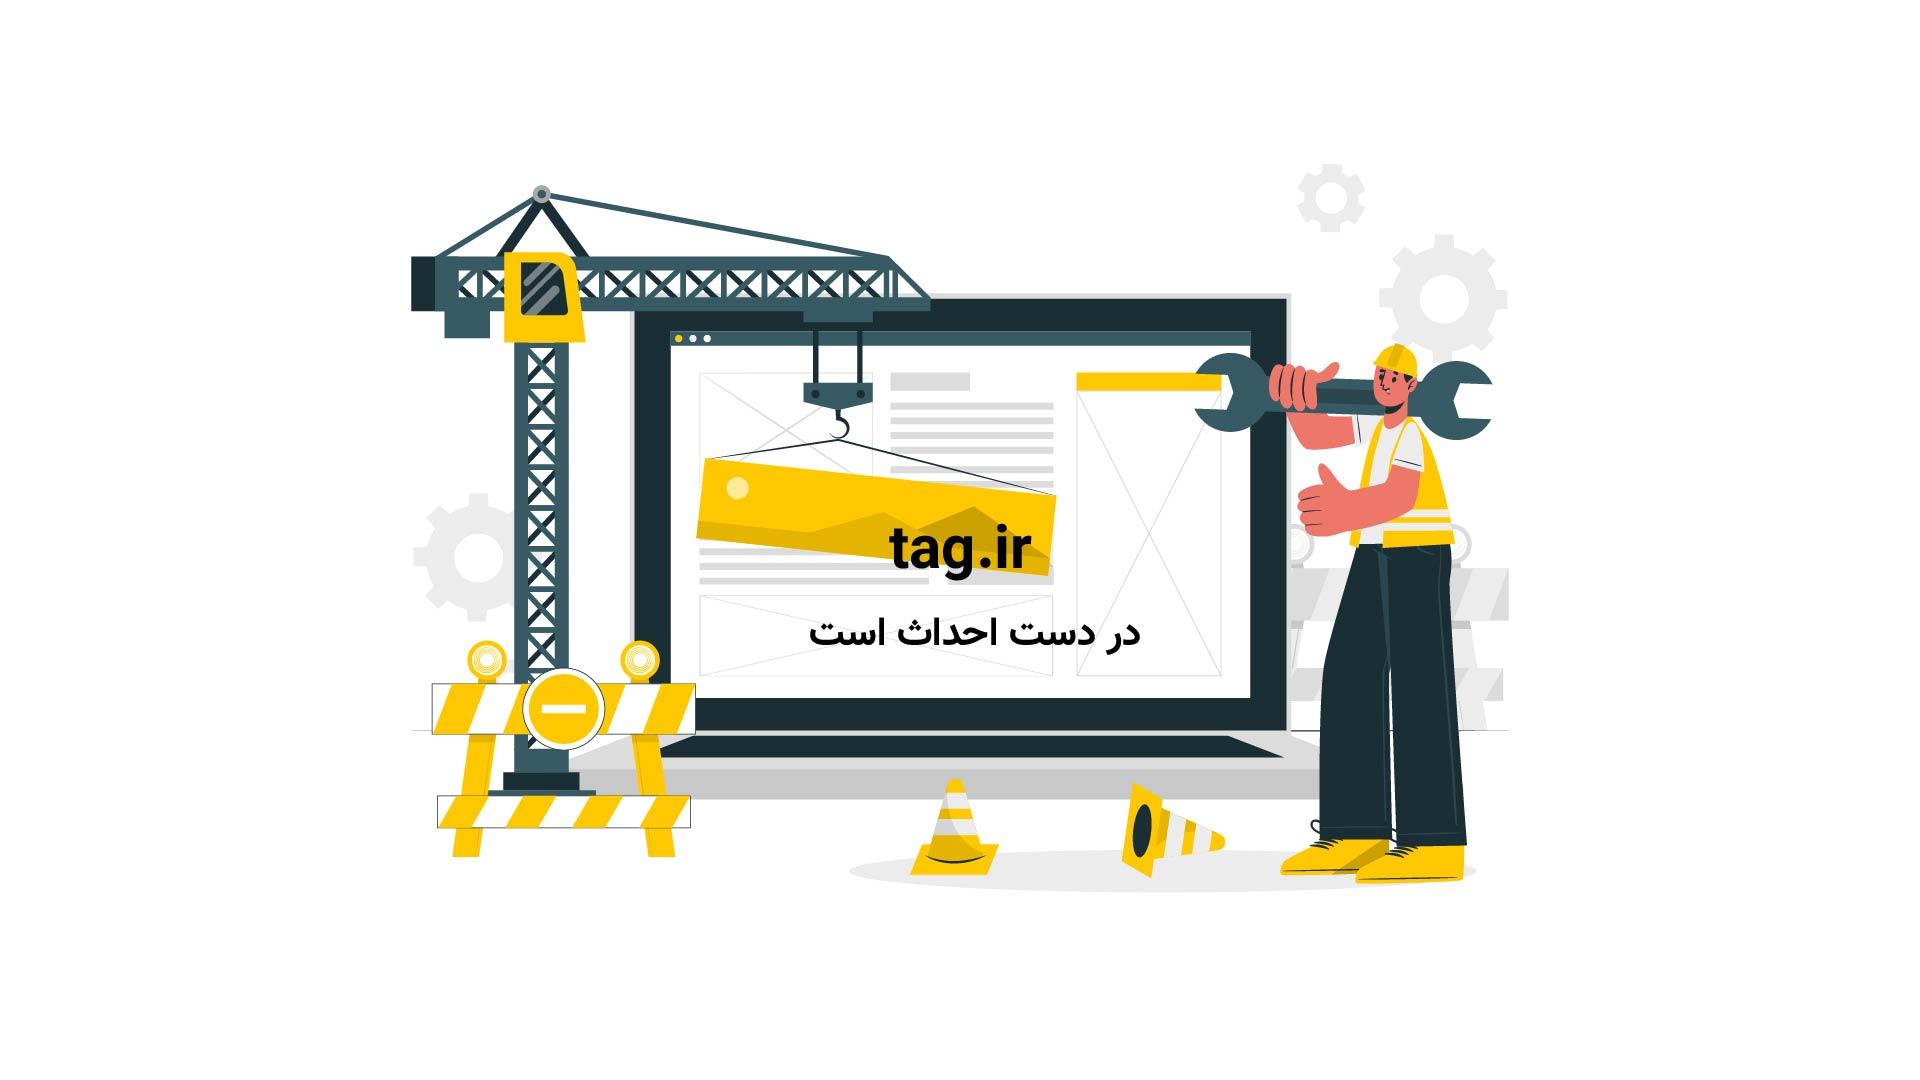 موتورسیکلت آلمانی با پیشرانه وی ۶ | فیلم